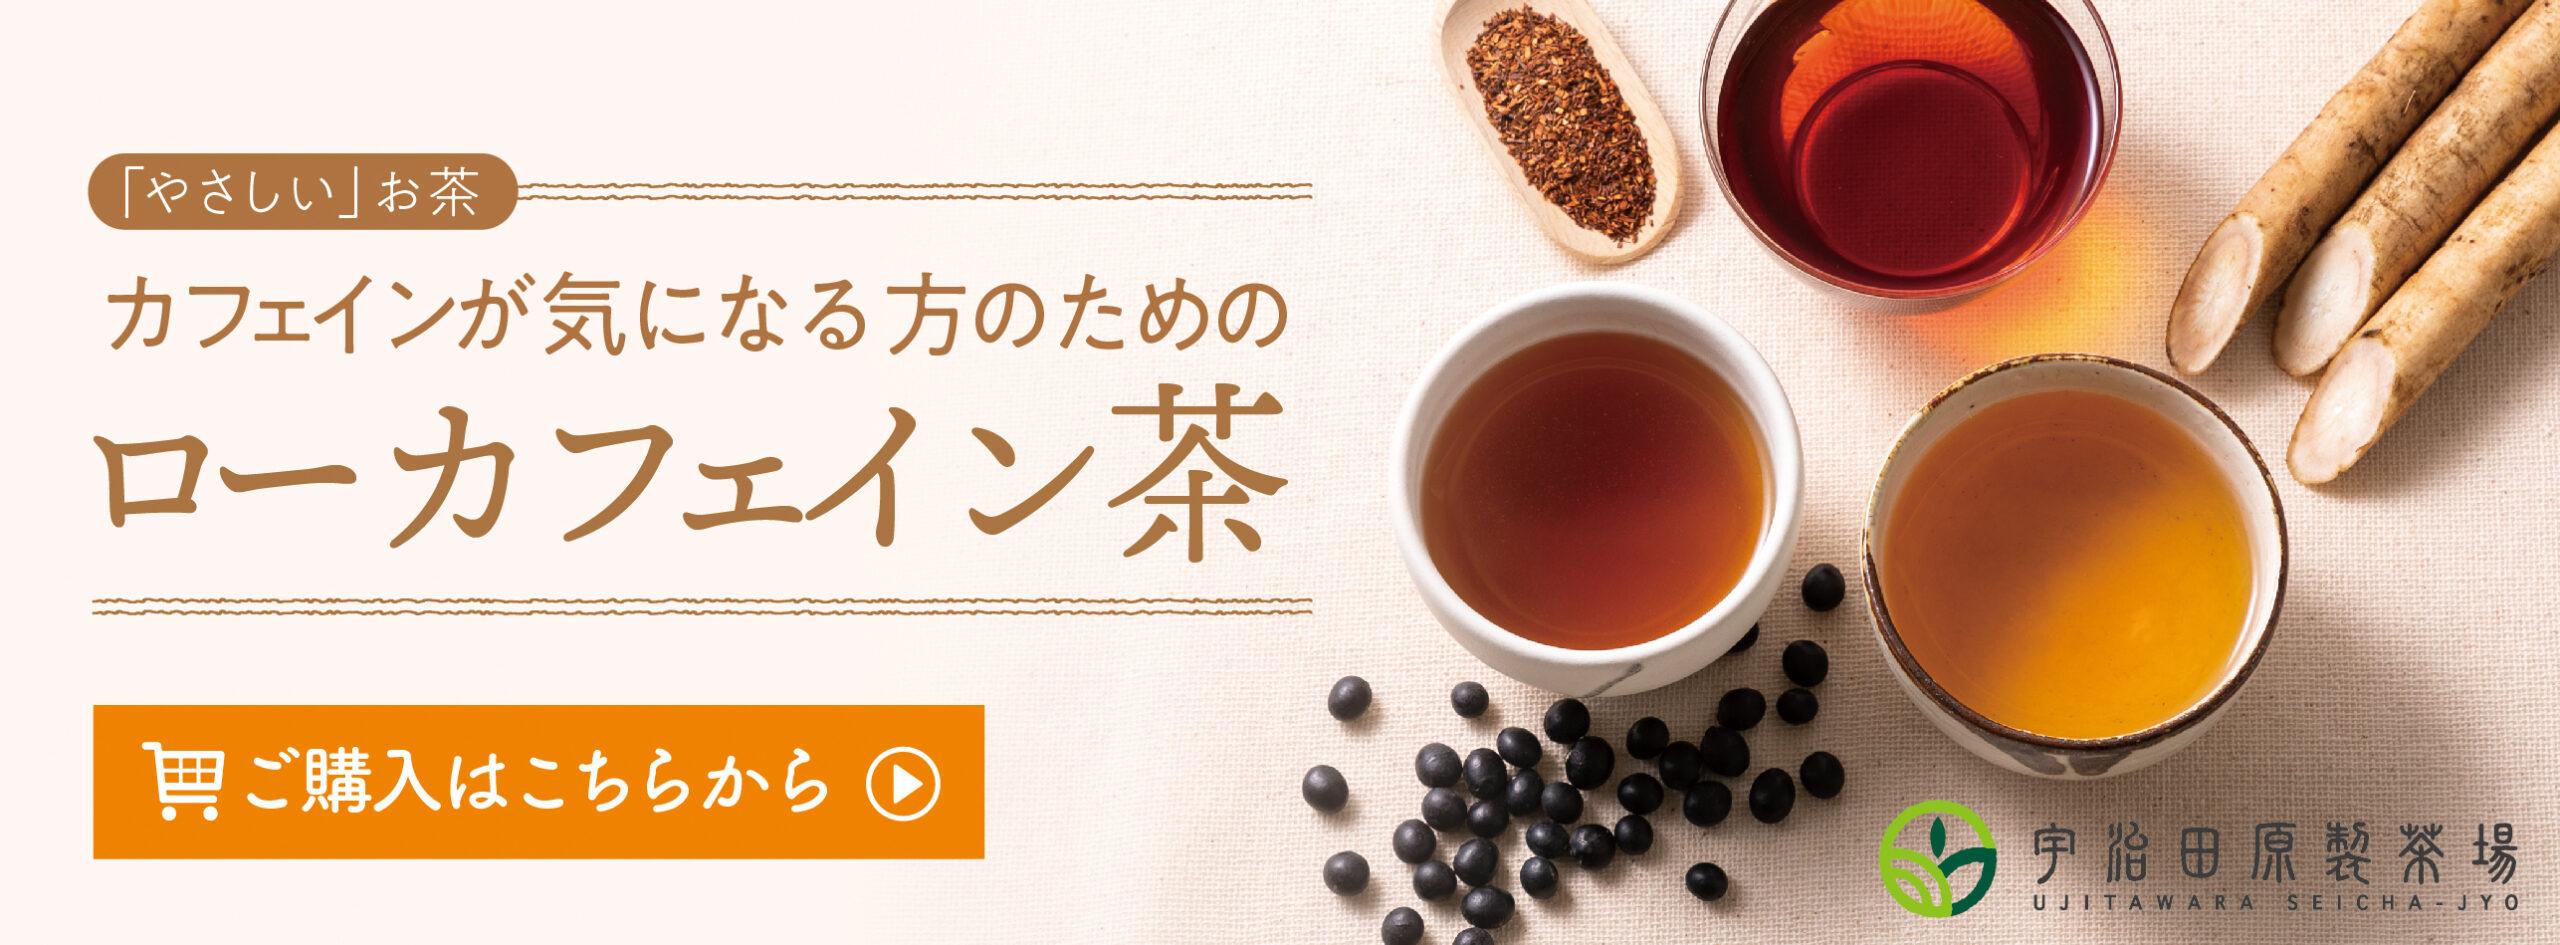 ローカフェイン茶